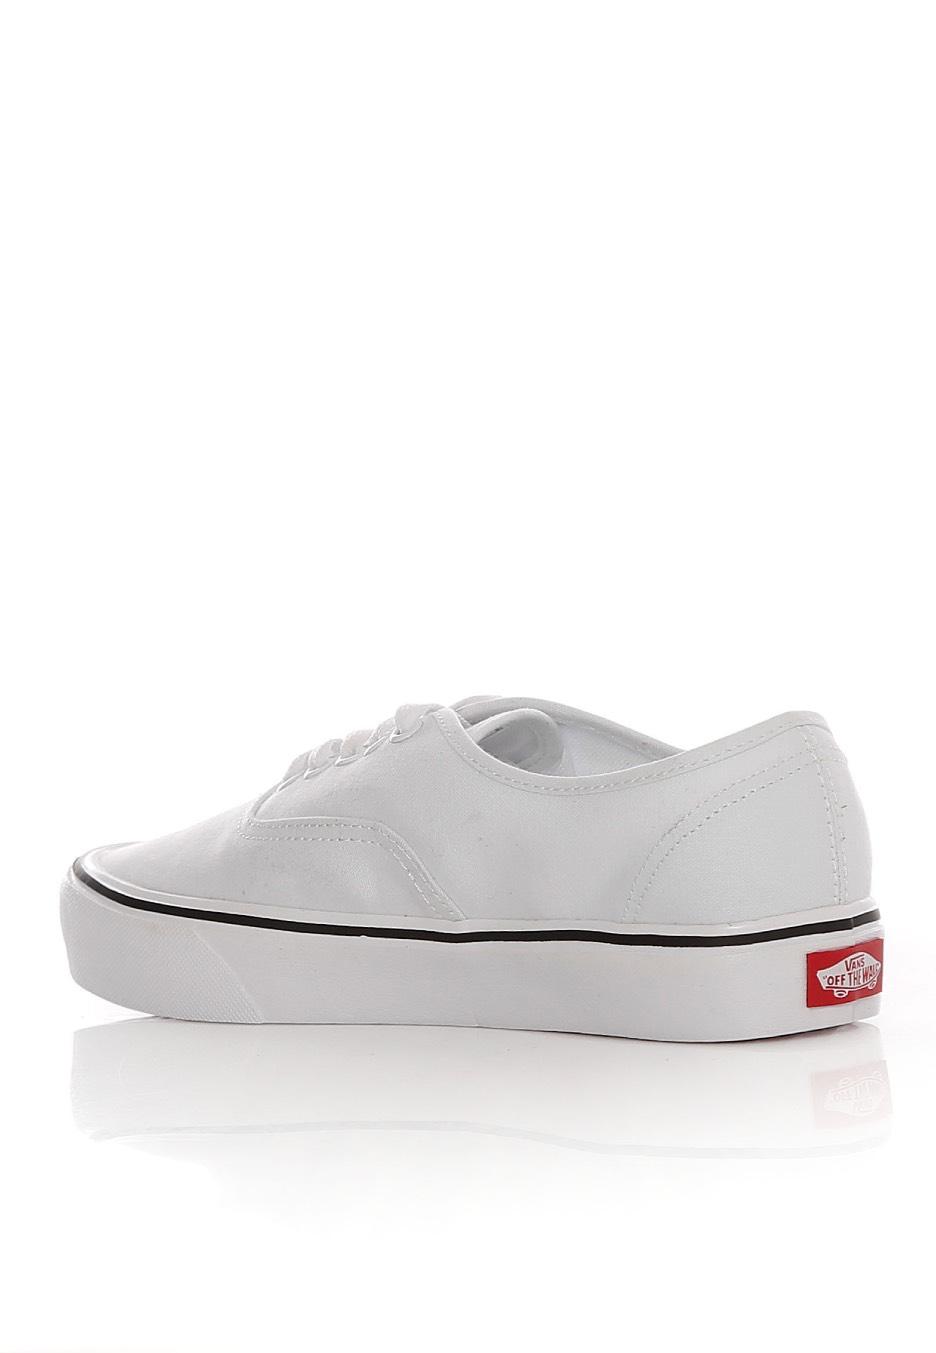 Vans - Authentic Lite Canvas True White